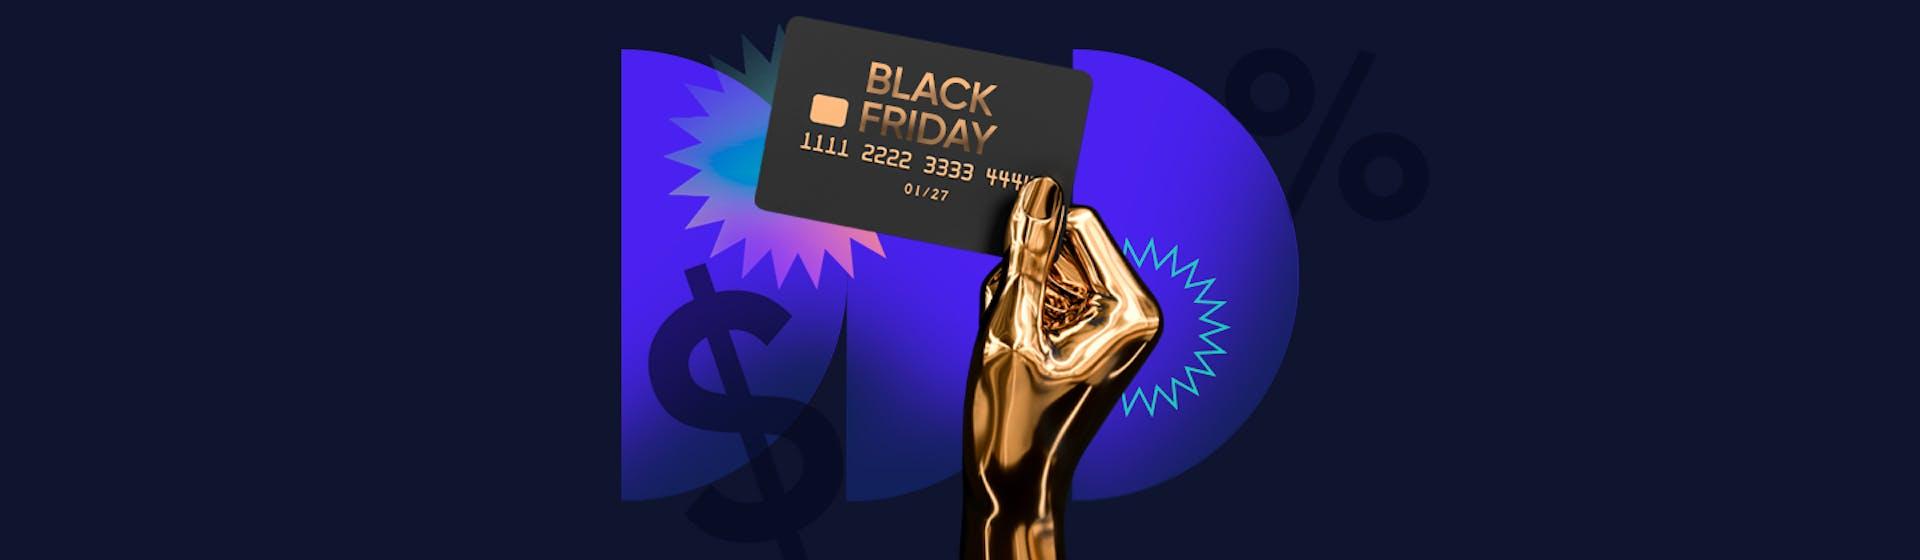 Las mejores ofertas Black Friday para inaugurar las compras navideñas